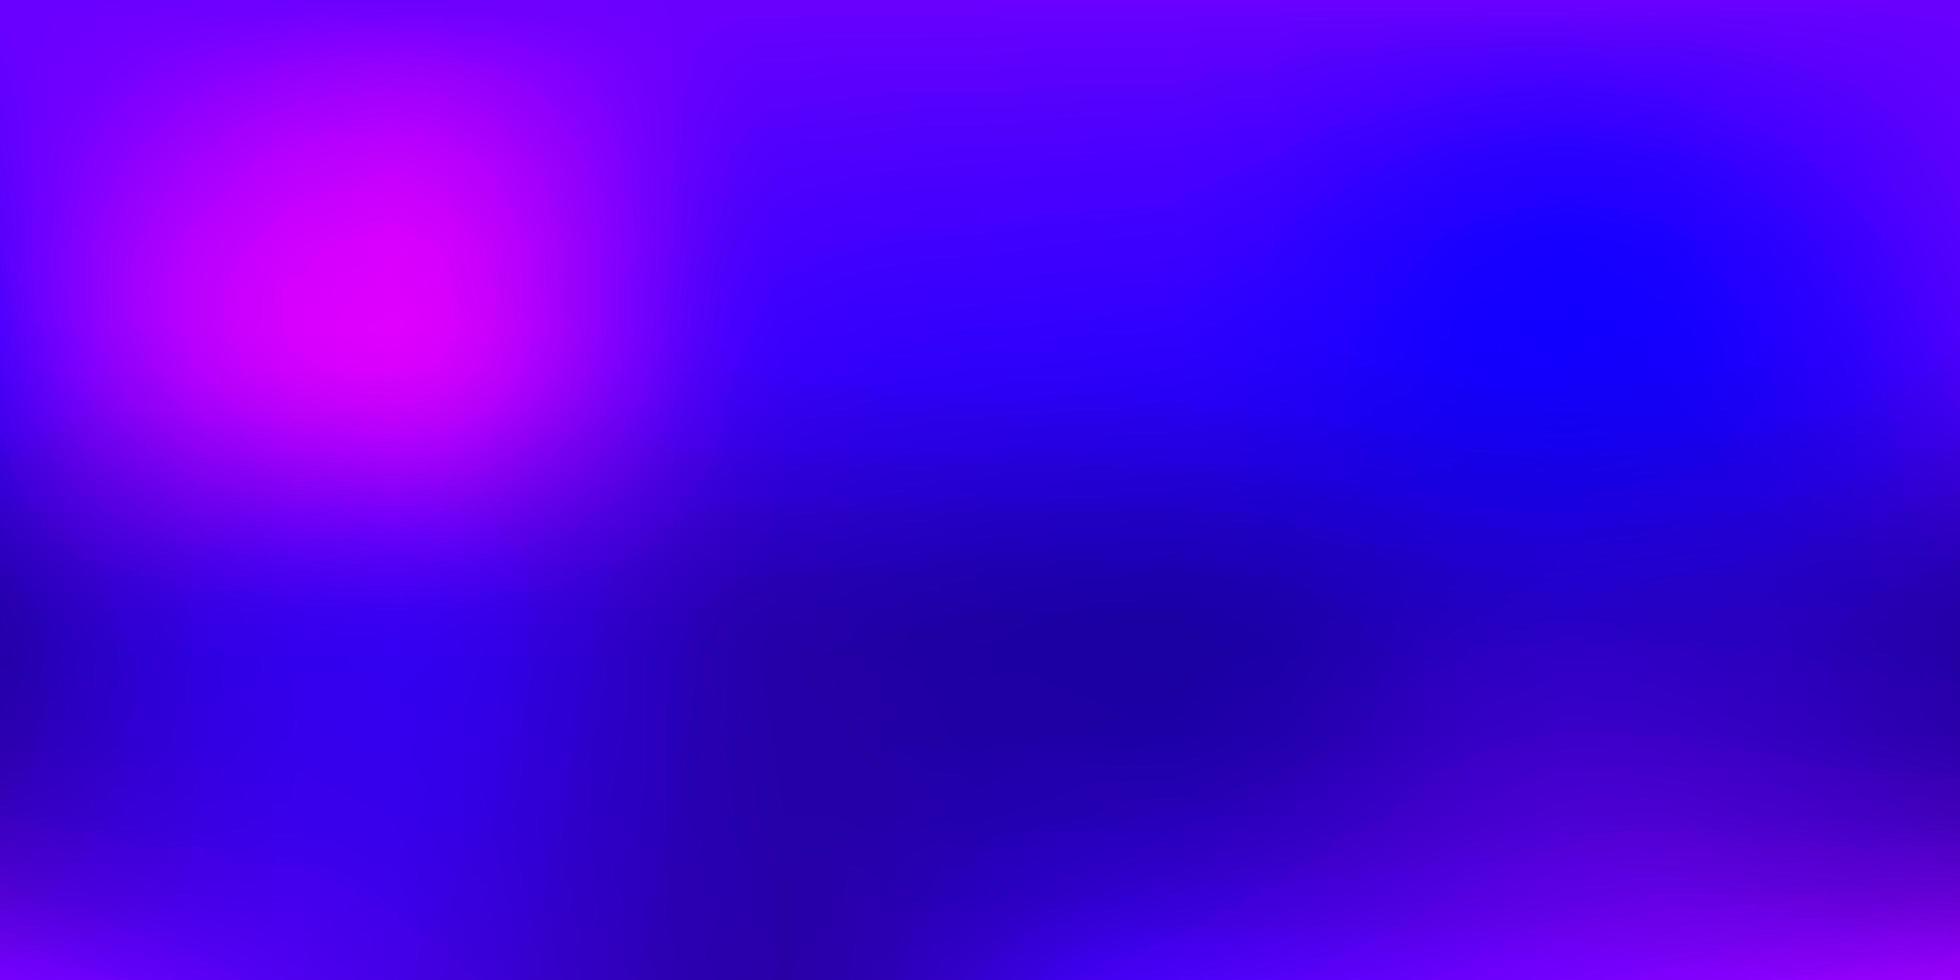 sfondo sfocato sfumato vettoriale viola scuro.